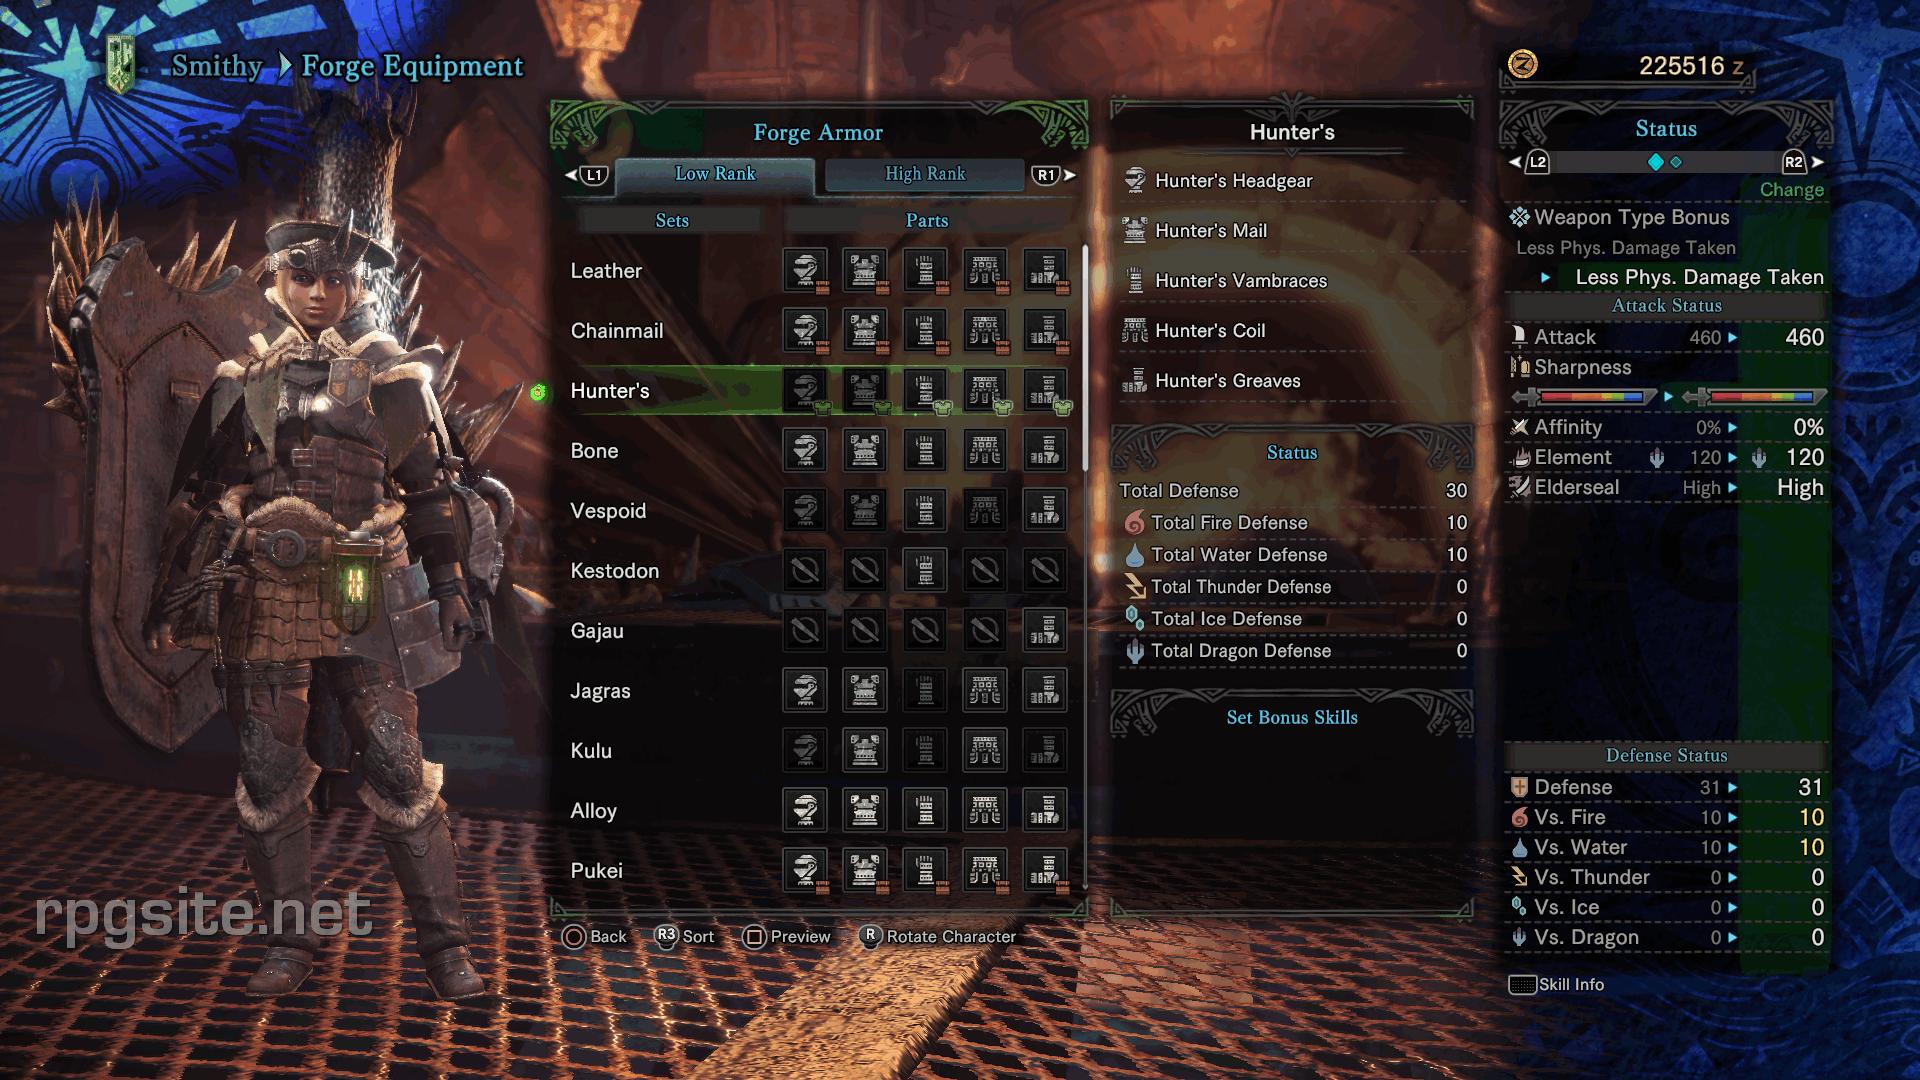 Monster Hunter World Female Armor Sets All Low Rank Female Armor